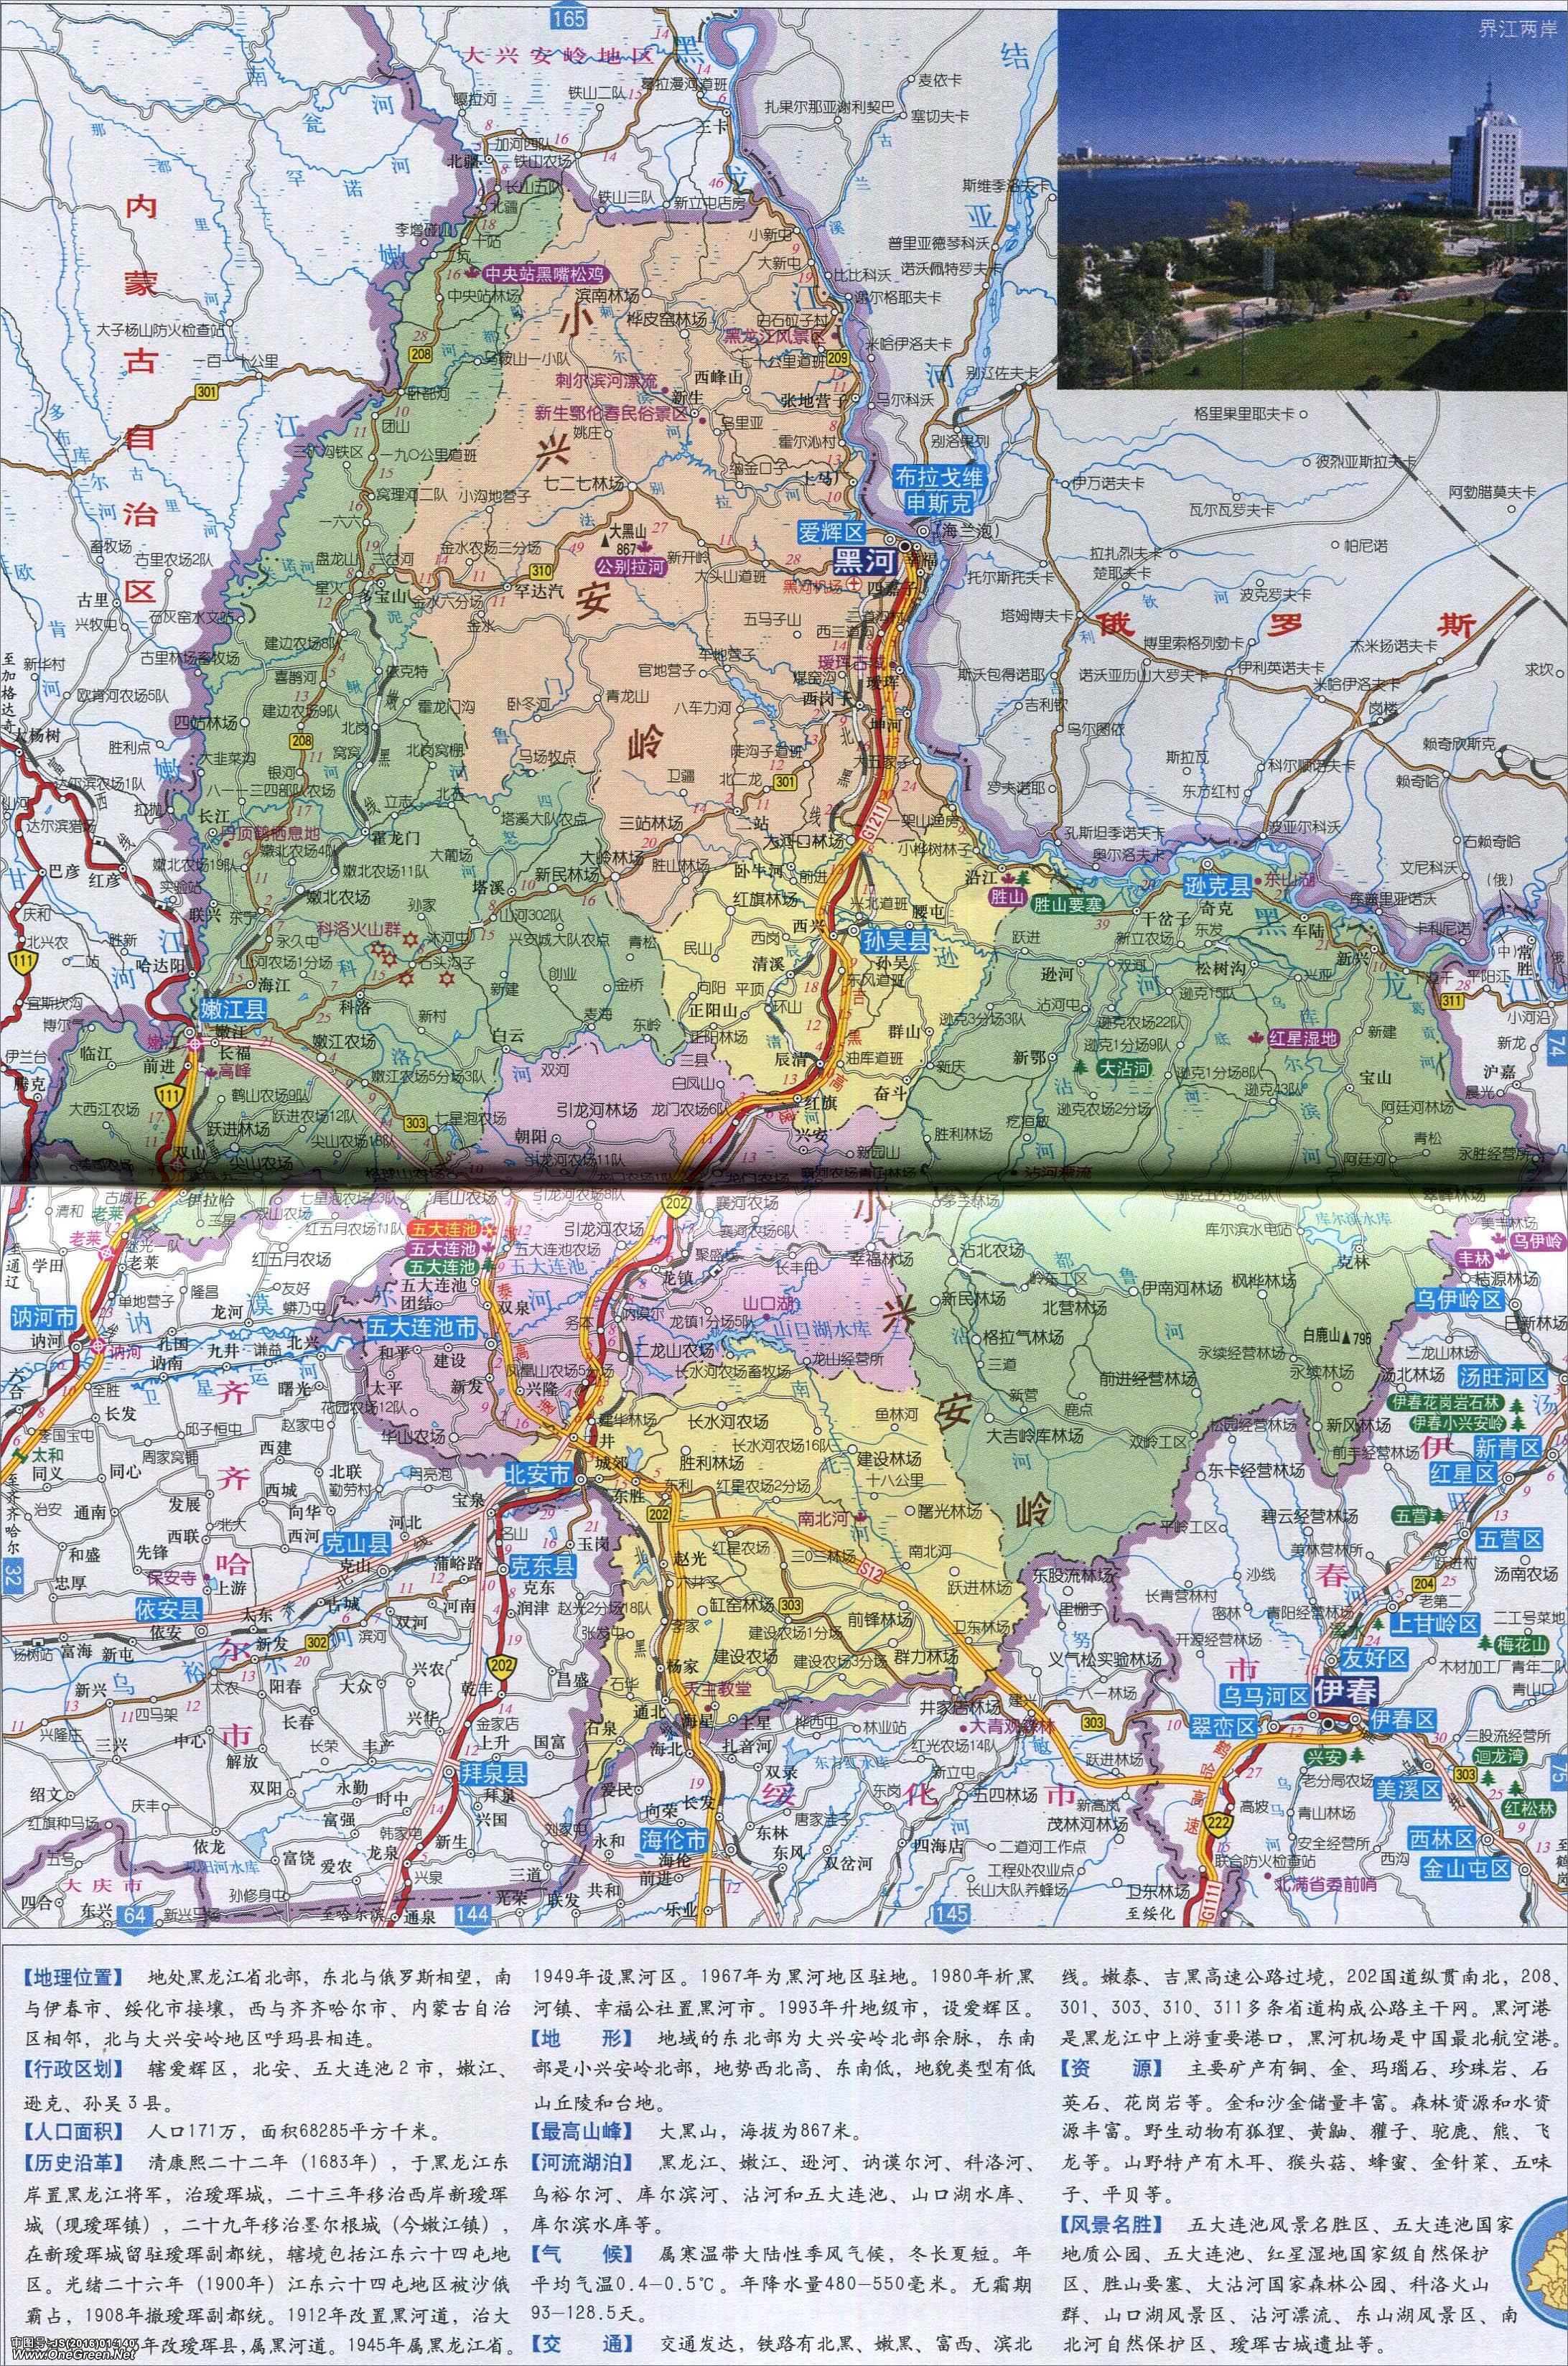 黑河市地图高清版 黑河地图库 地图窝